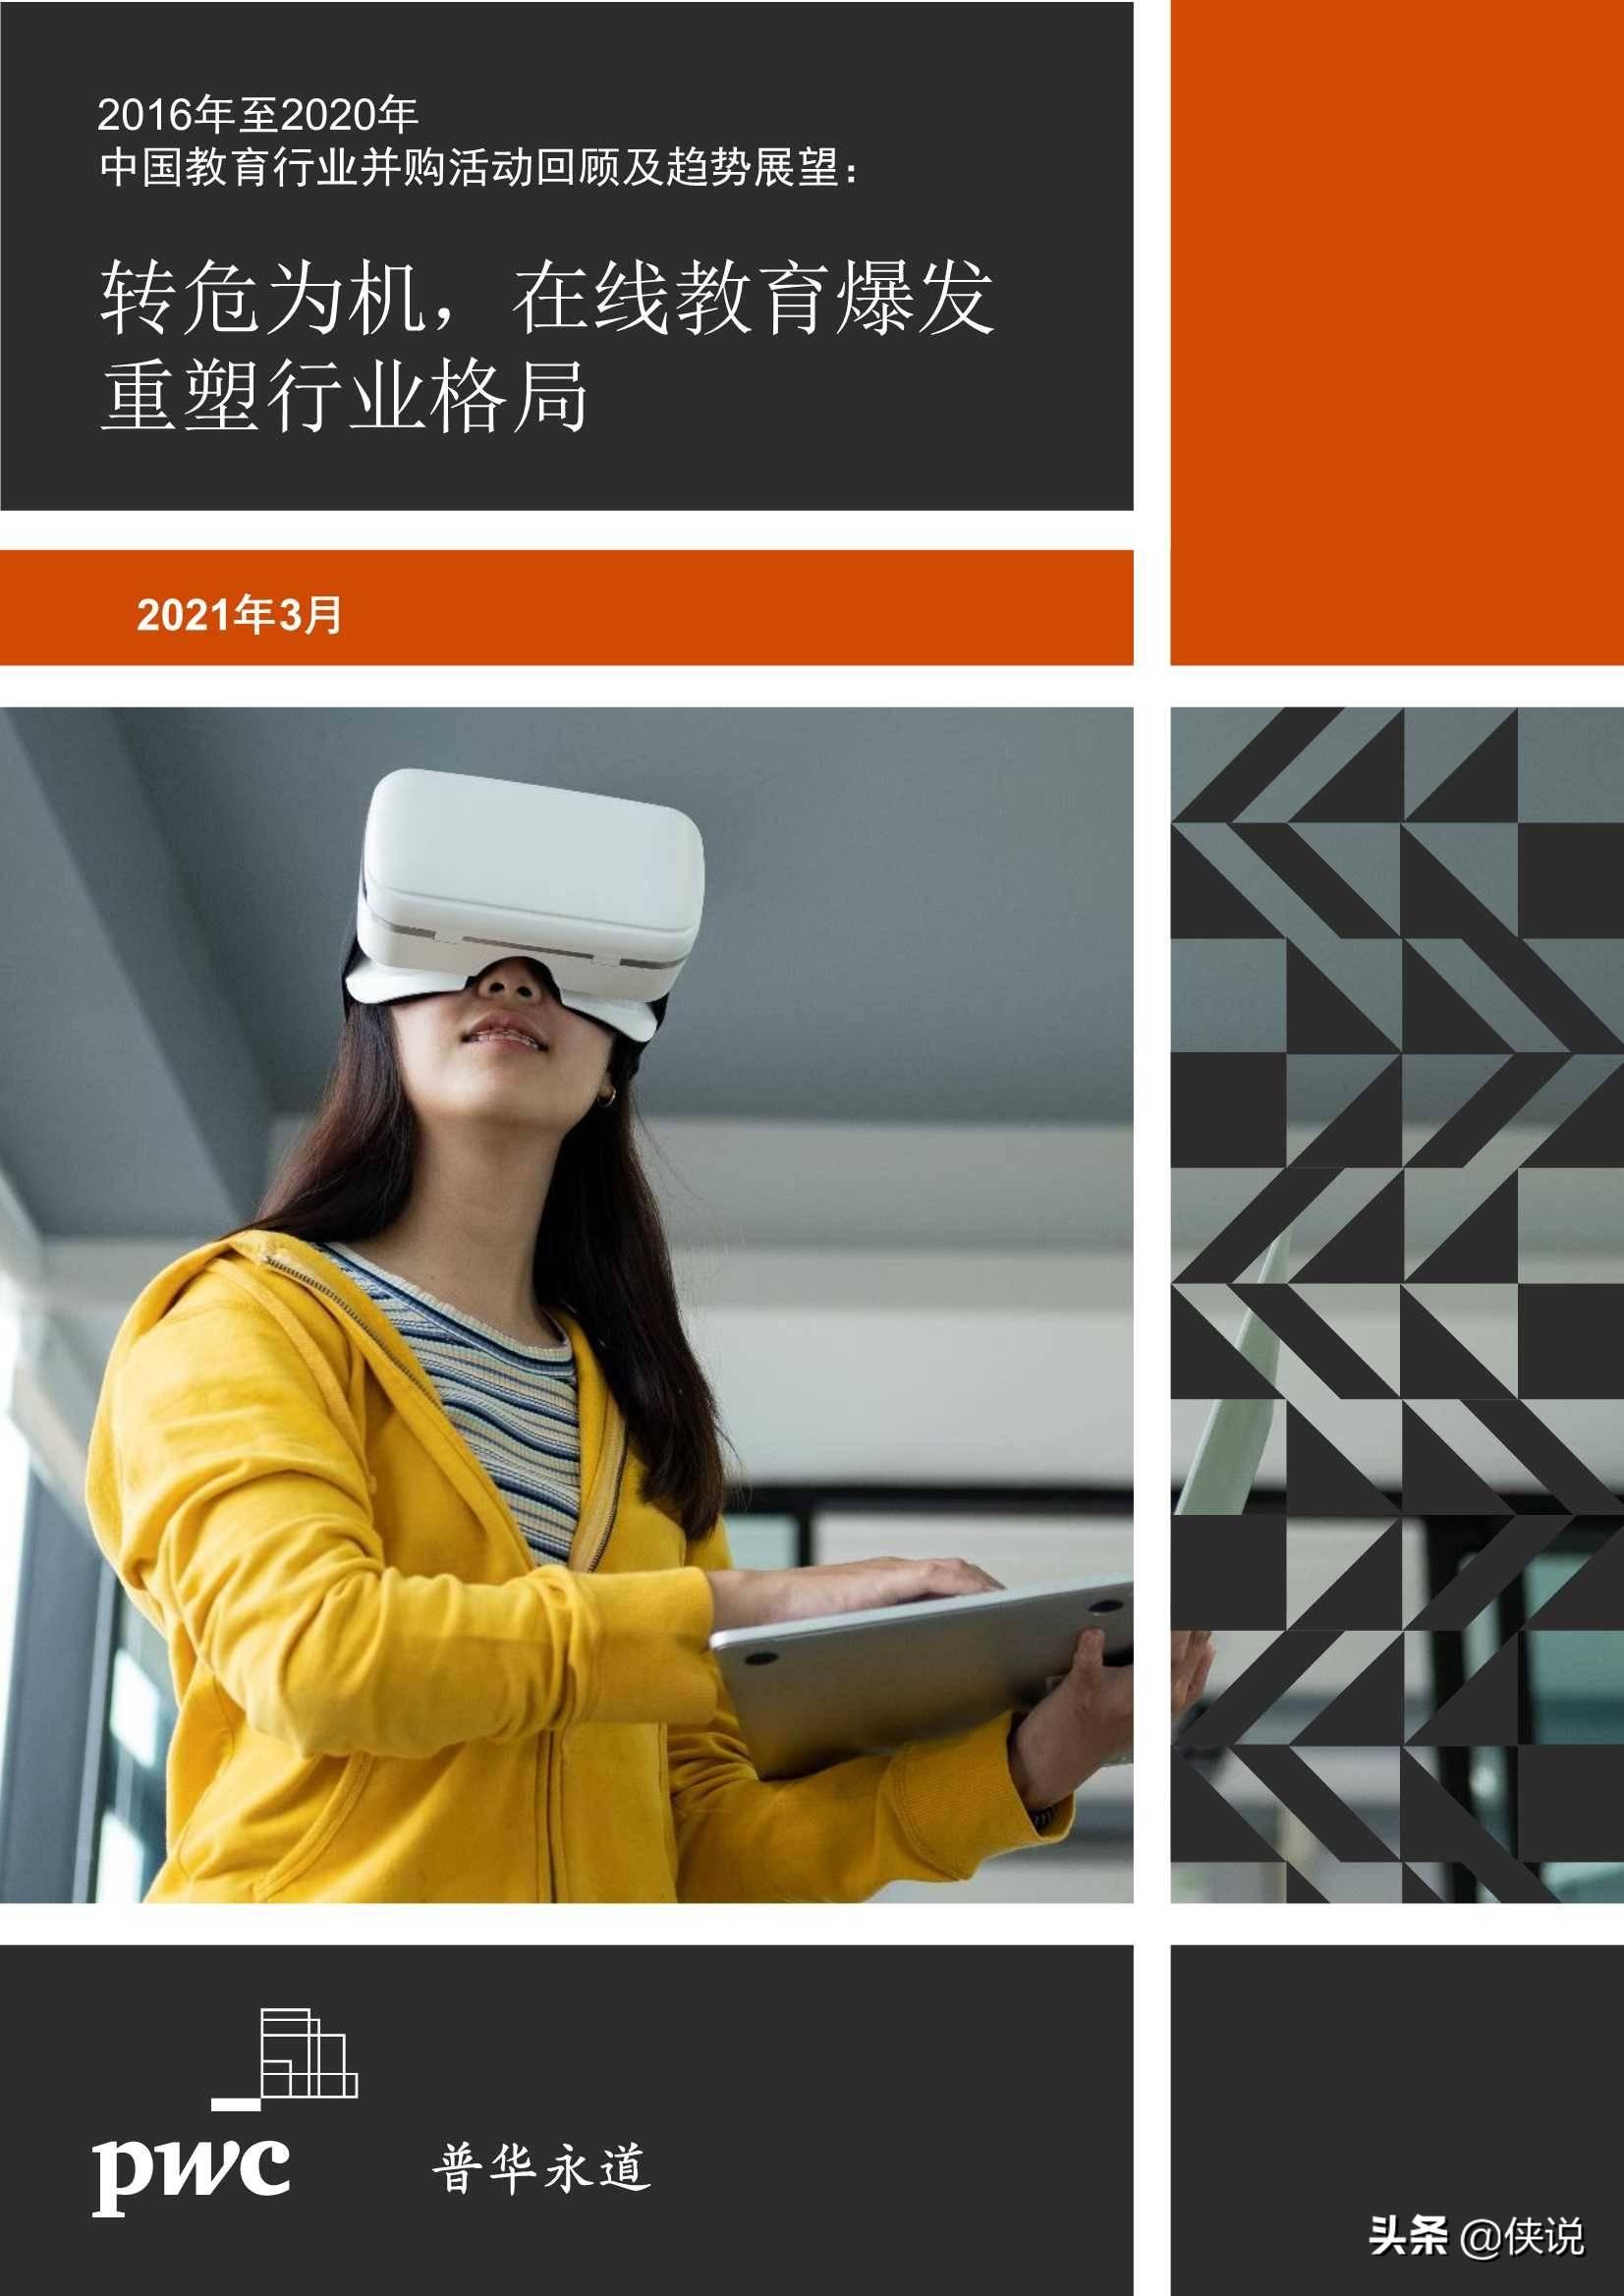 2016-2020年中国教育产业M